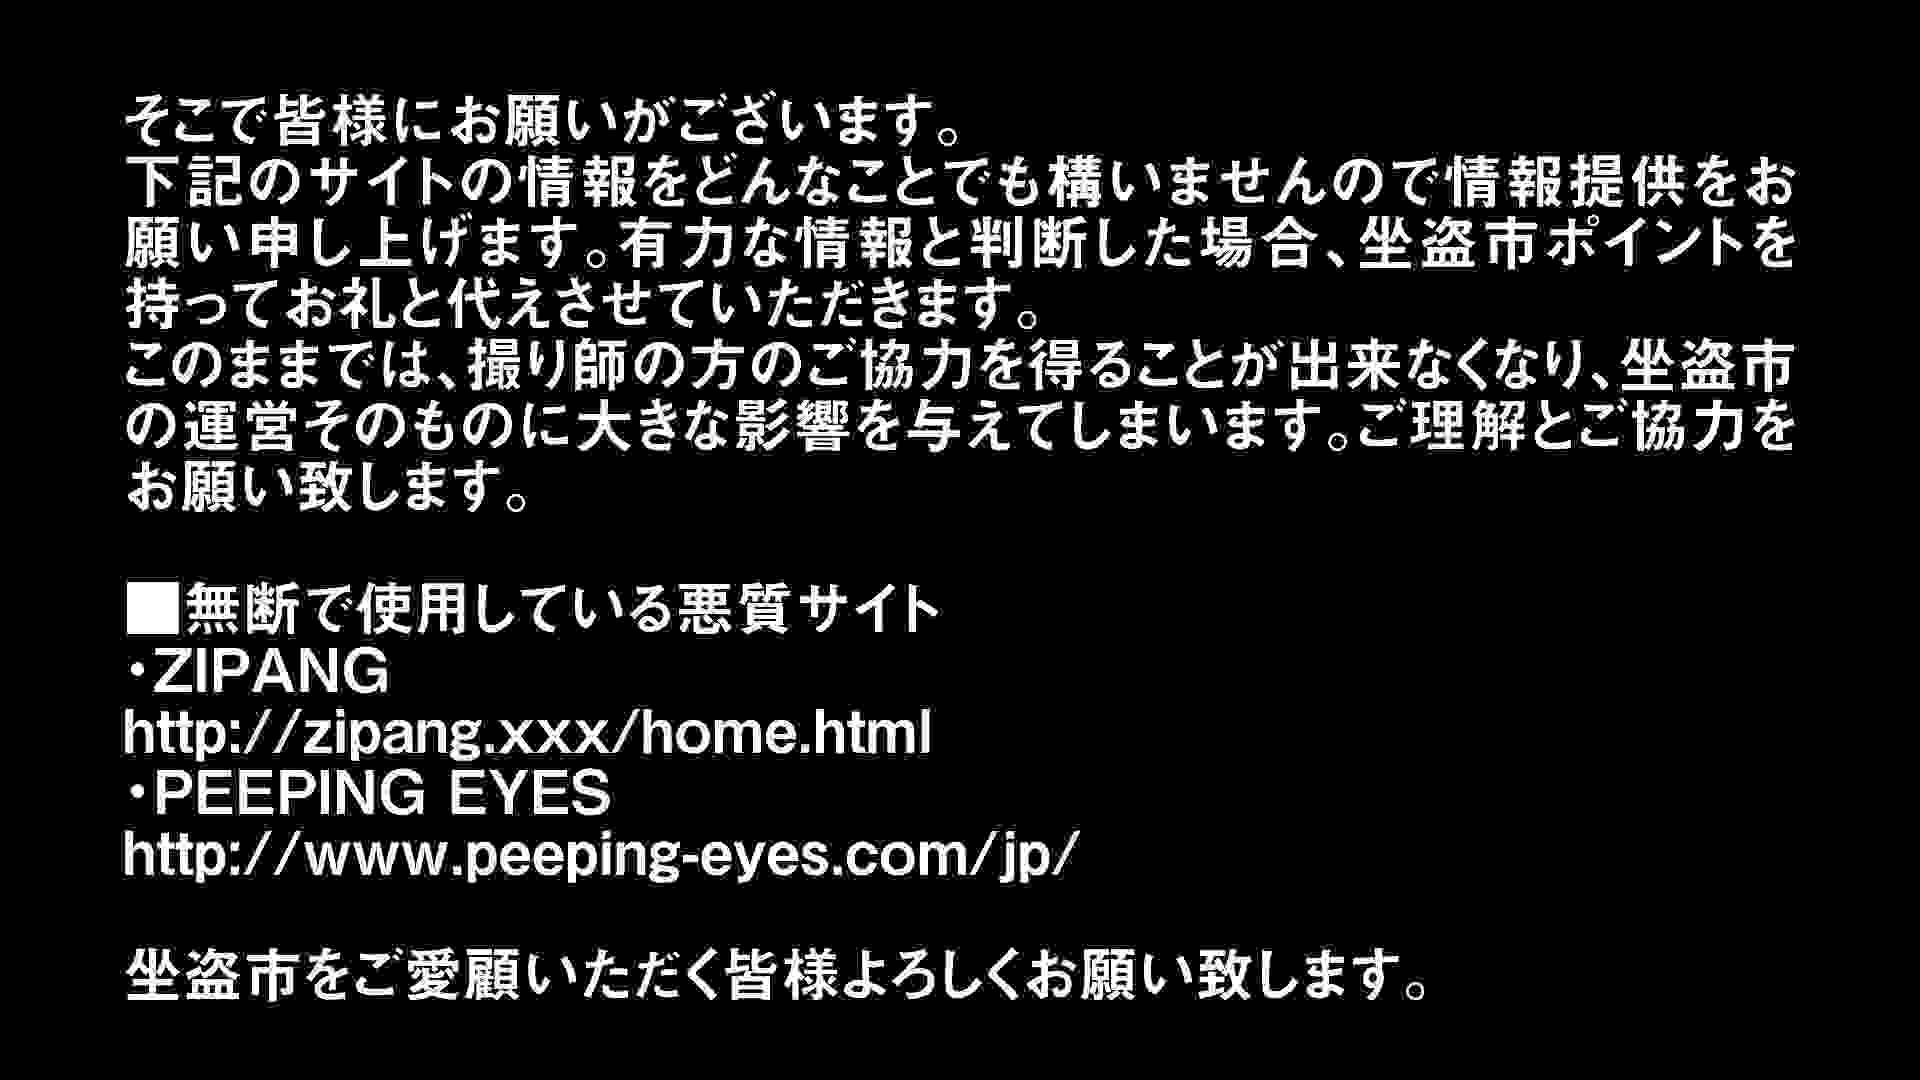 Aquaな露天風呂Vol.301 盗撮 | 露天風呂  112連発 34